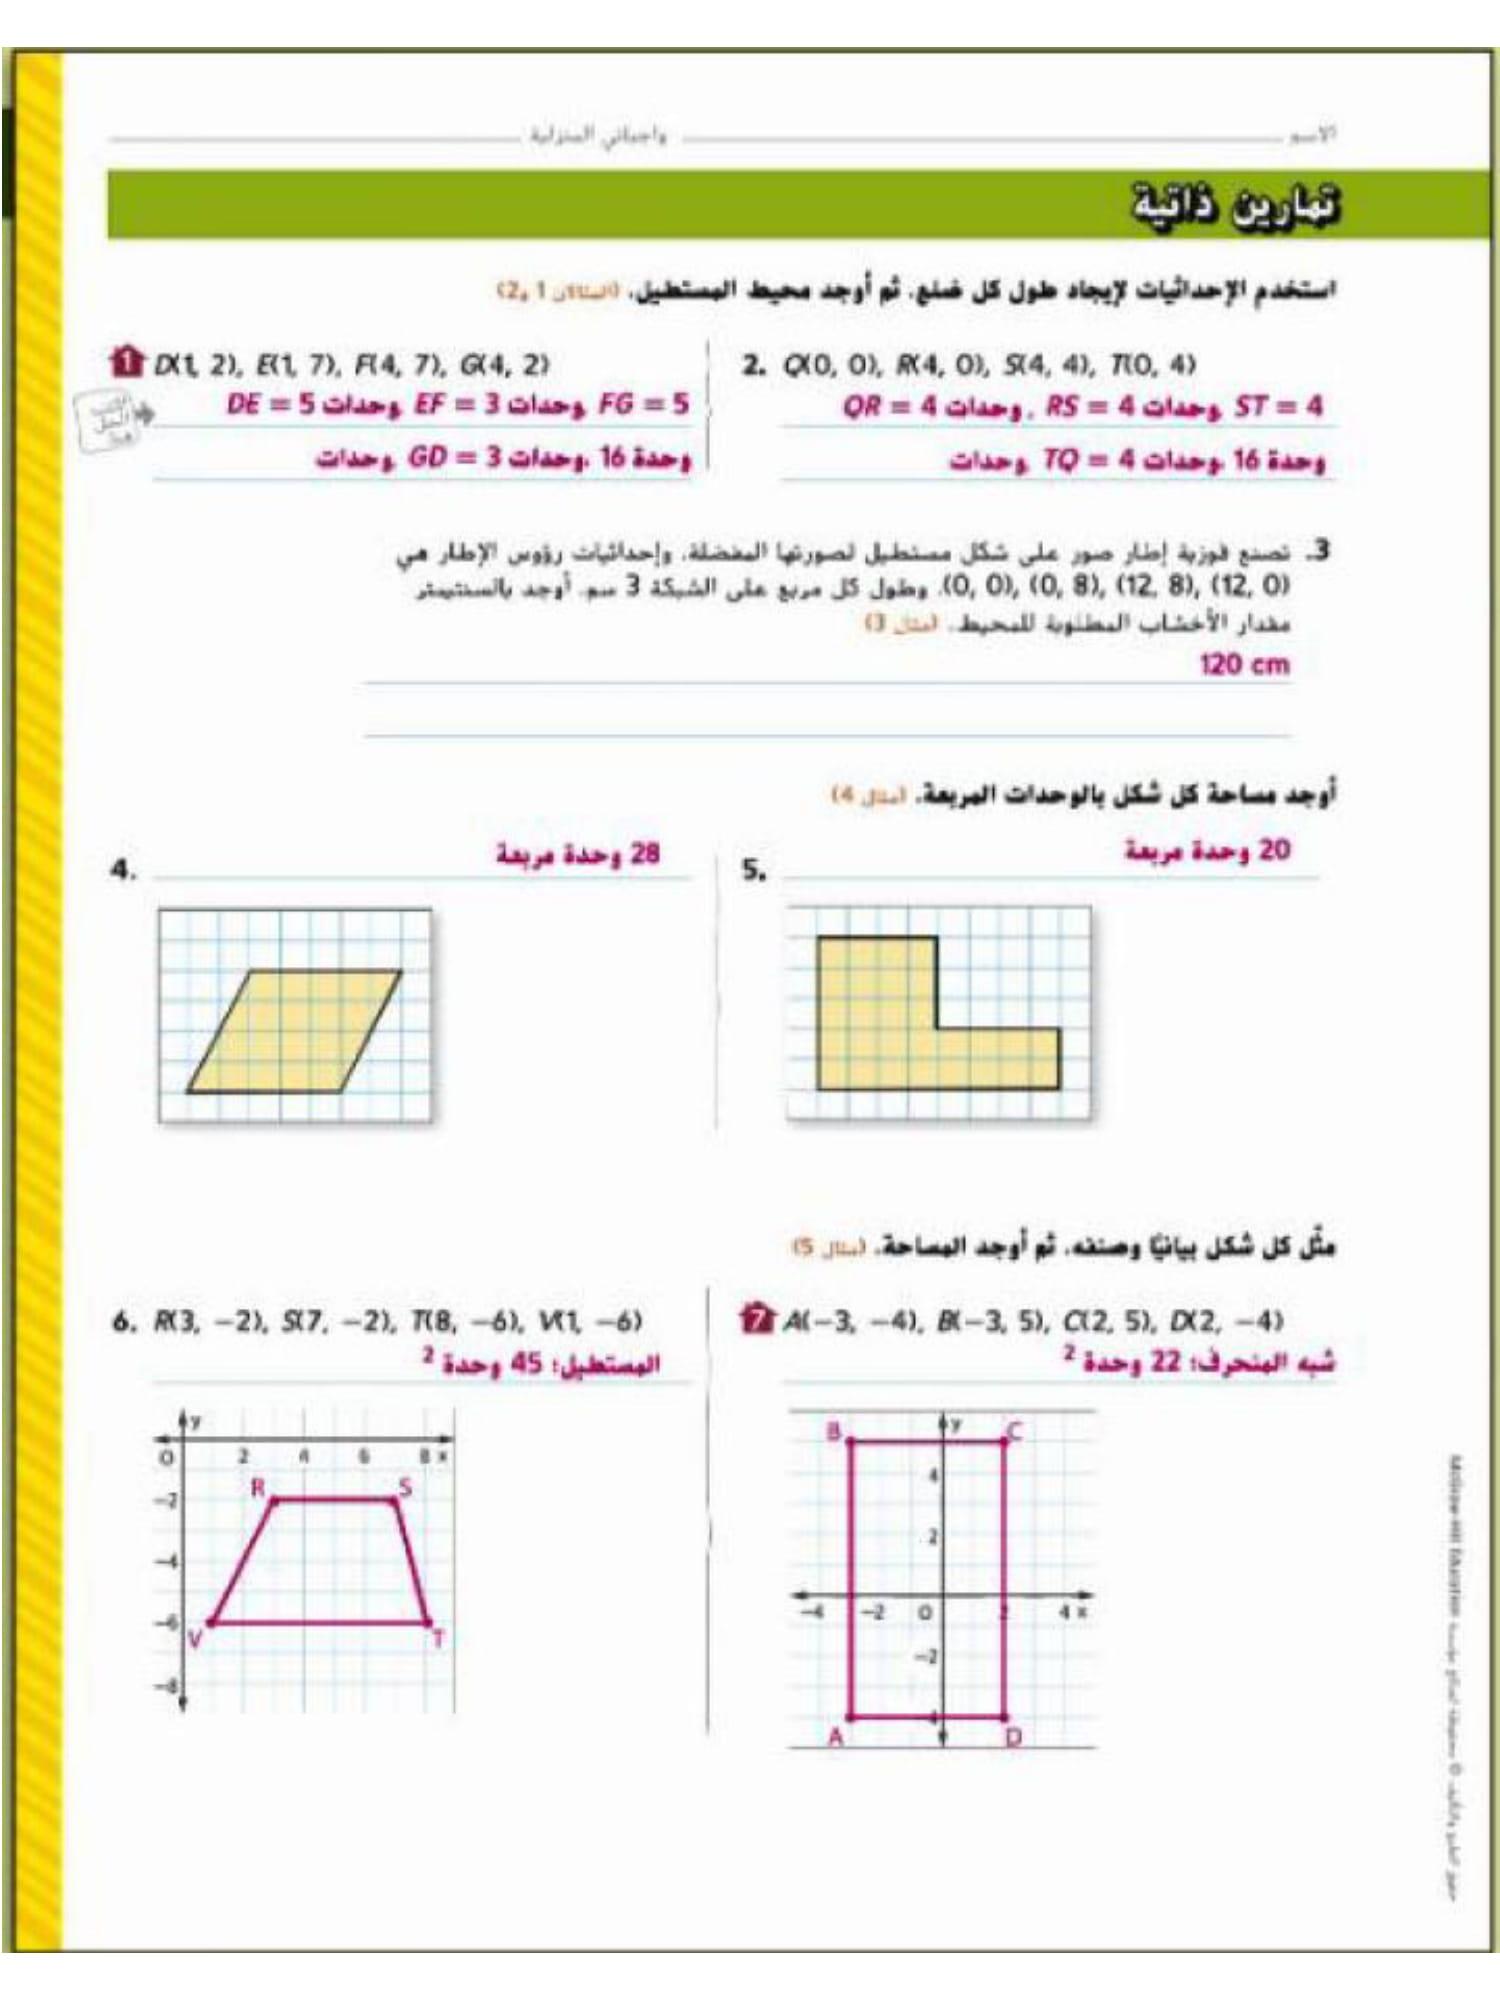 كتاب دليل المعلم رياضيات